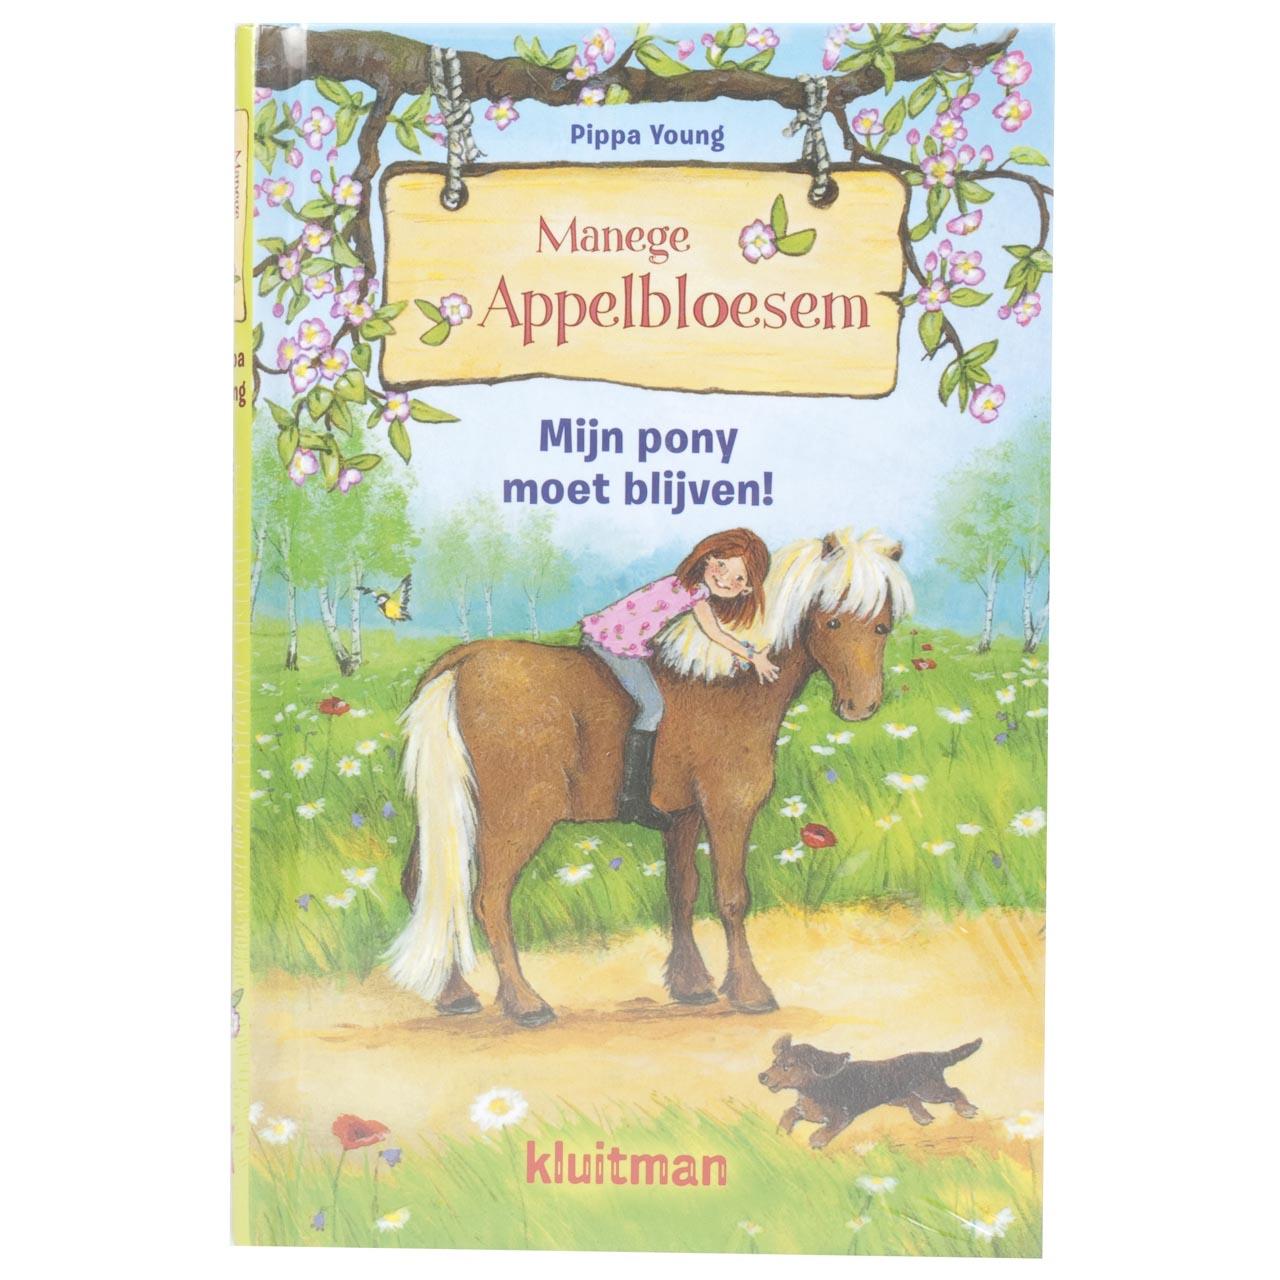 Manege Appelbloesem, mijn pony moet blijven